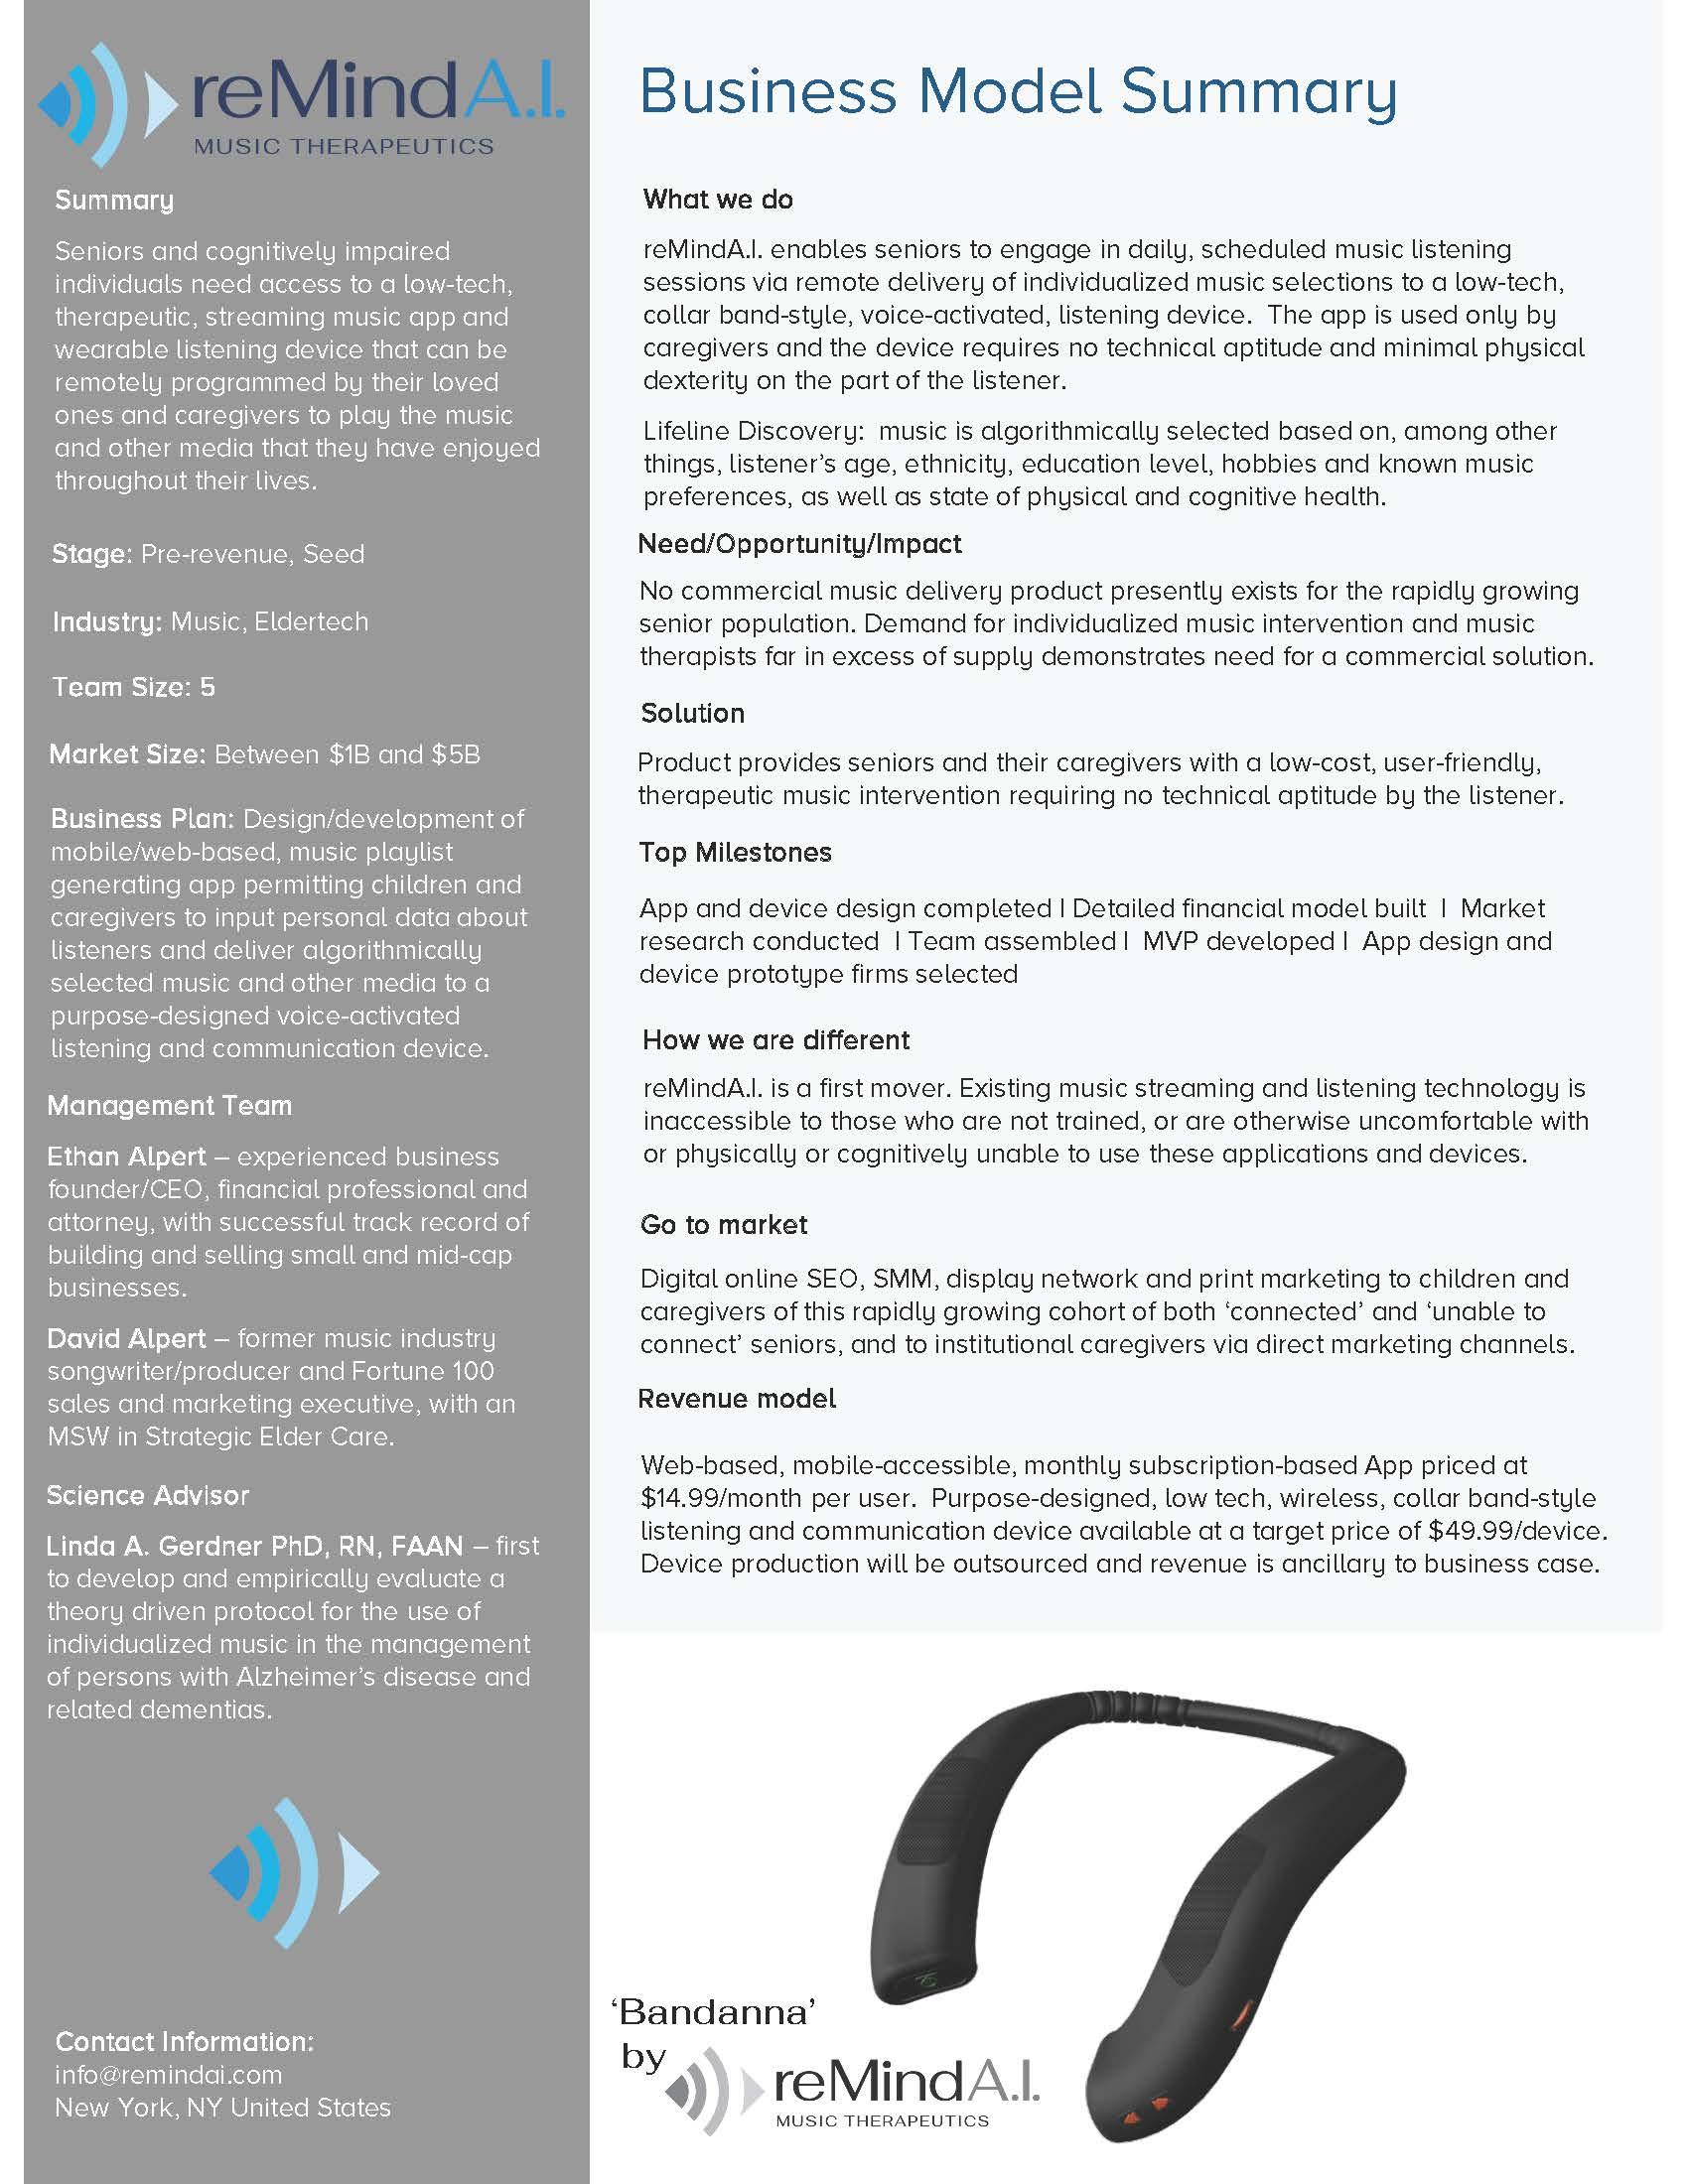 reMindA.I. Business Model Summary flyer.